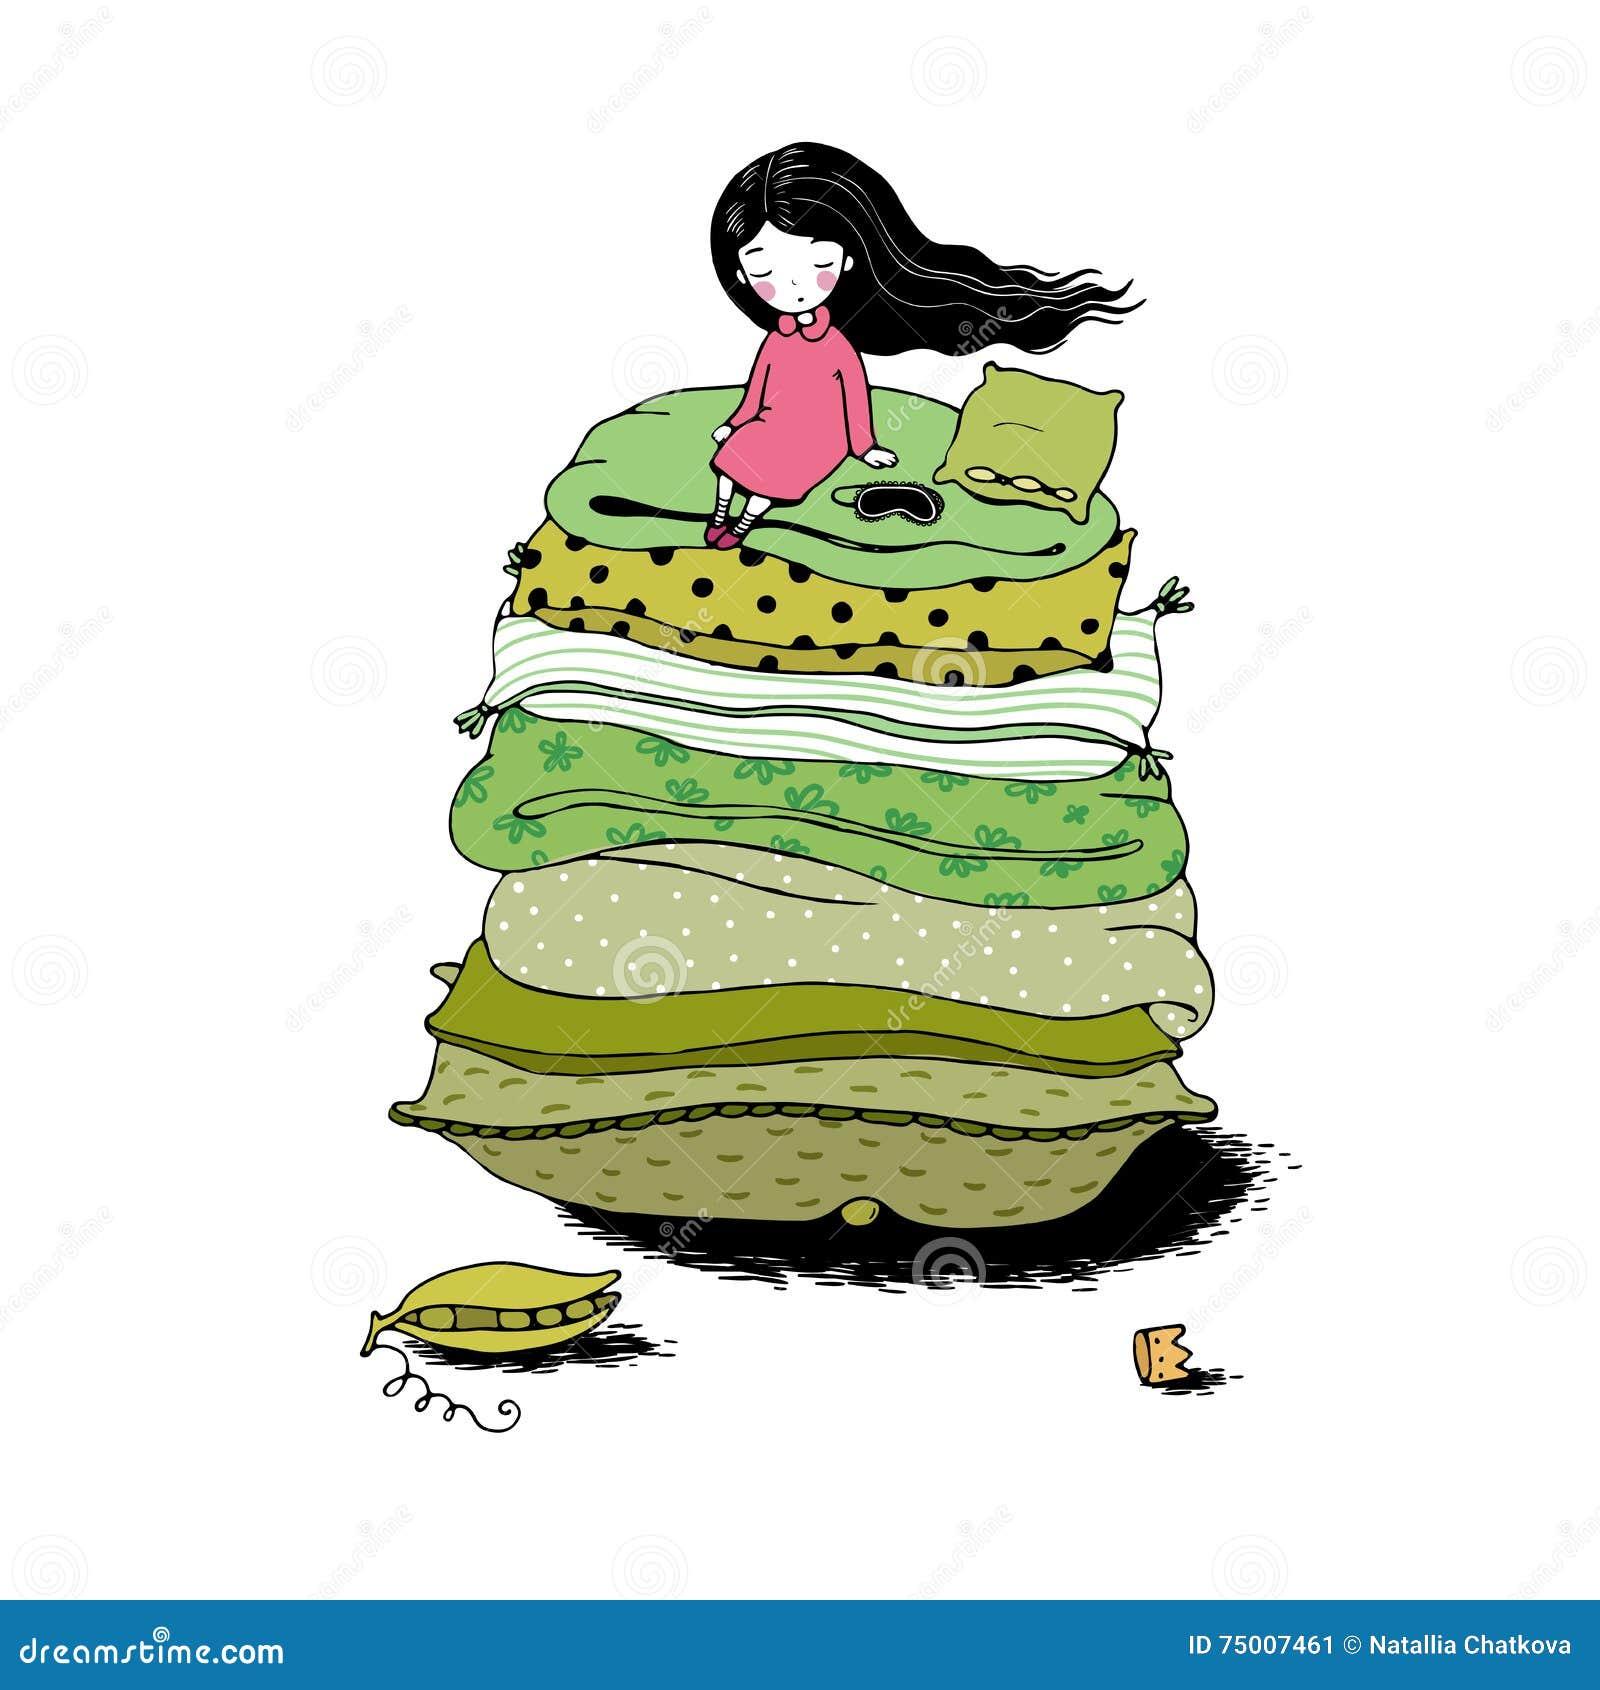 prinzessin auf der erbse vektor abbildung illustration von haar 75007461. Black Bedroom Furniture Sets. Home Design Ideas